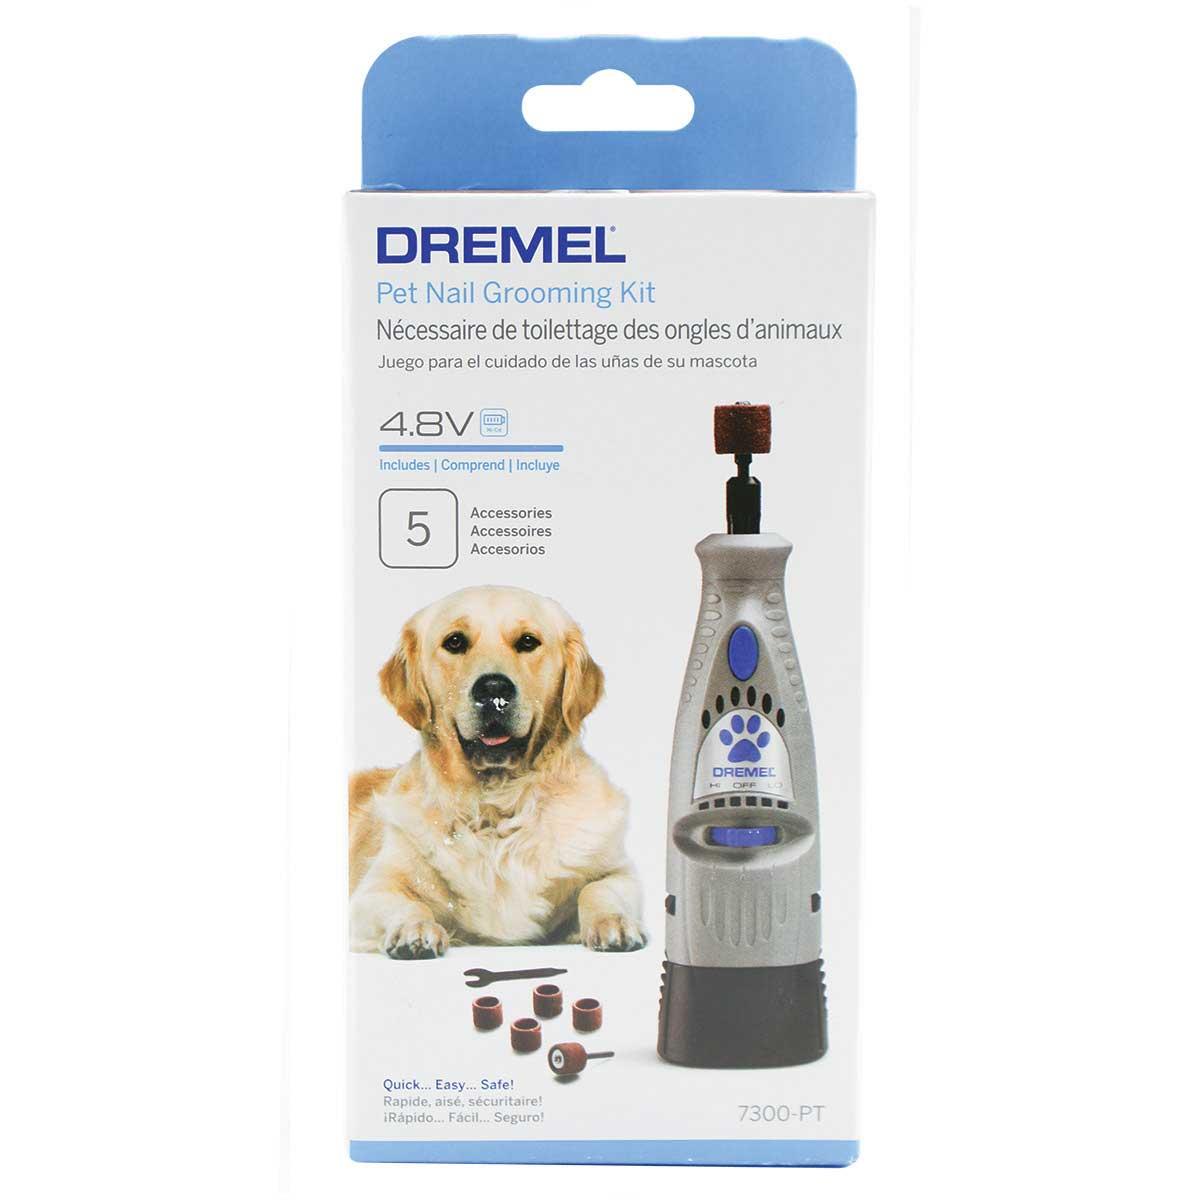 Dremel 4.8-Volt Pet Nail Grooming Kit in Packaging